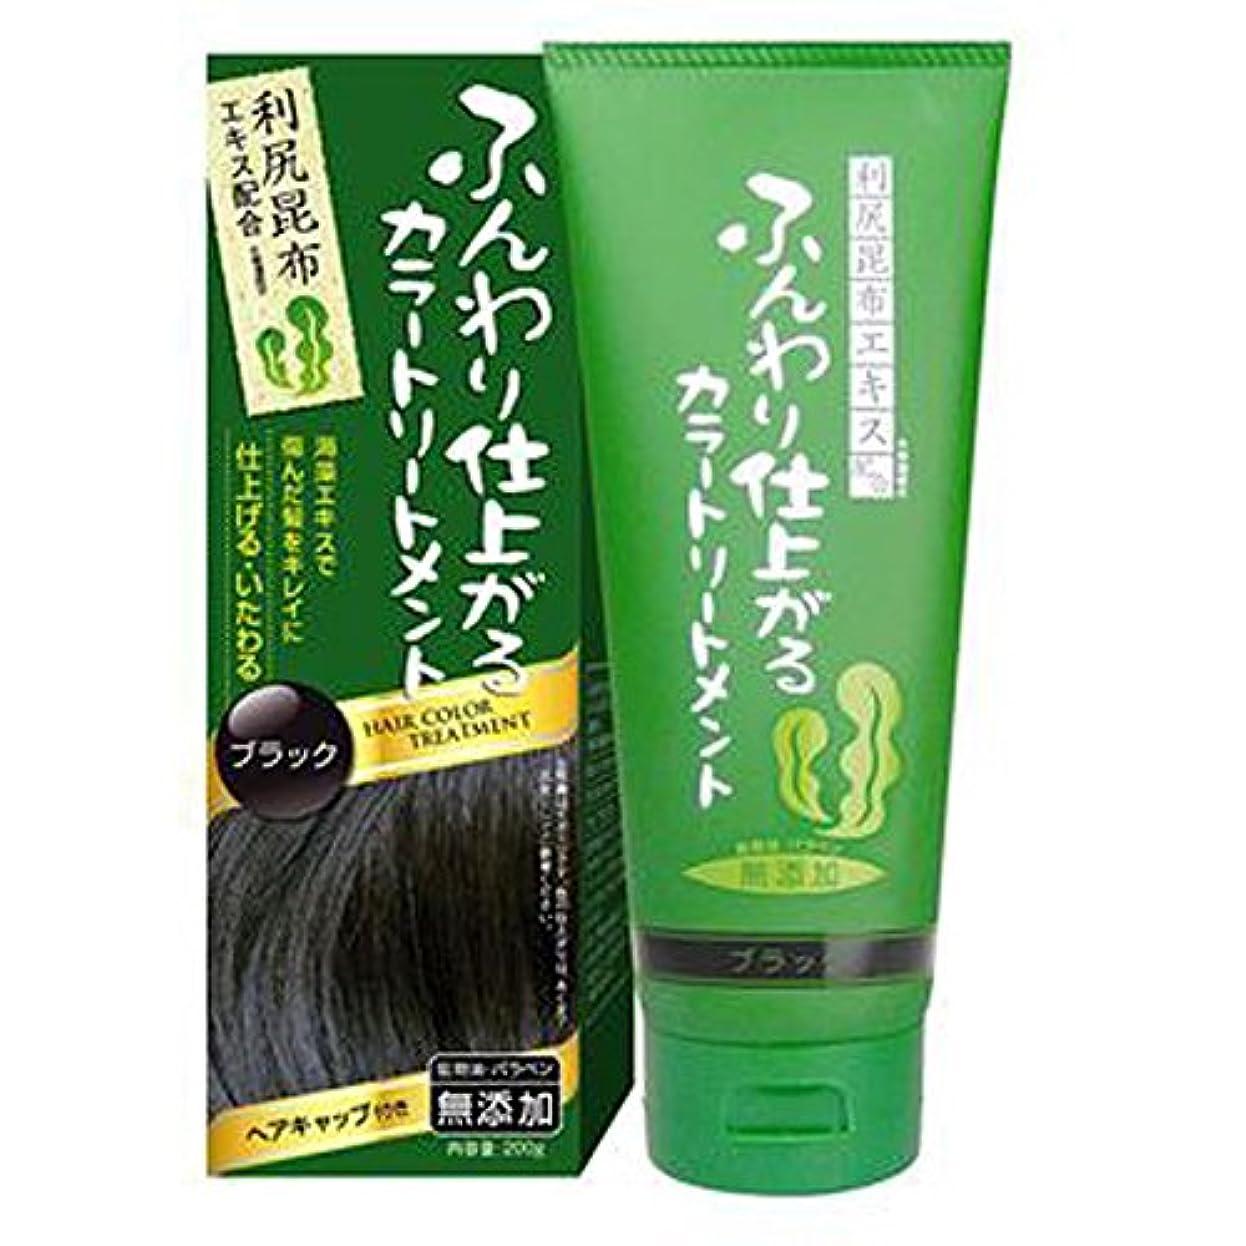 衝突する宿題のどふんわり仕上がるカラートリートメント 白髪 染め 保湿 利尻昆布エキス配合 ヘアカラー (200g ブラック) rishiri-haircolor-200g-blk